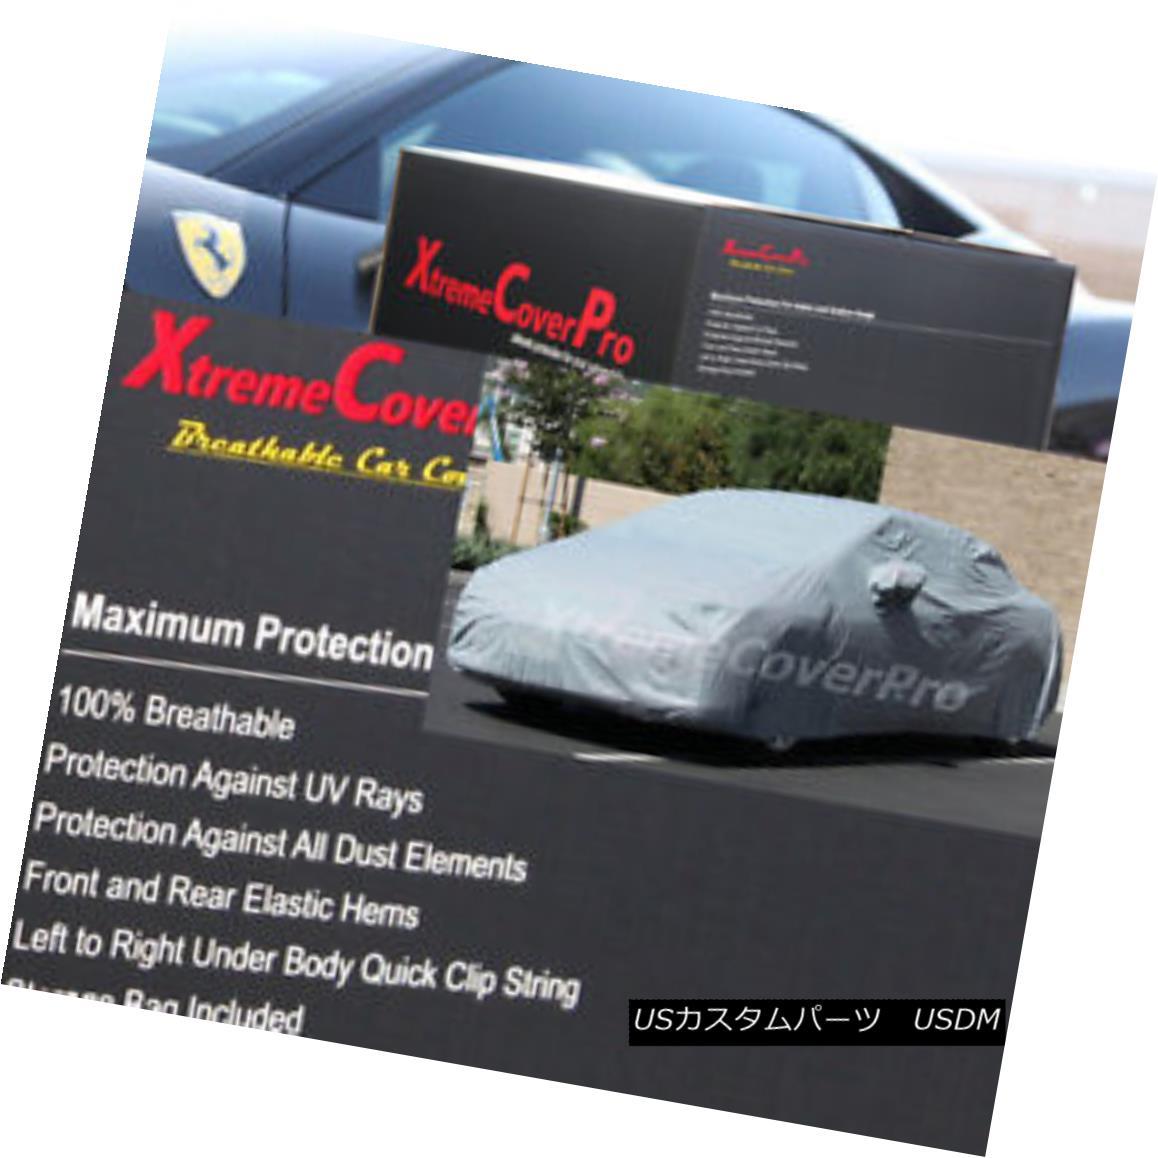 カーカバー 2015 AUDI A5 S5 RS5 Breathable Car Cover w/Mirror Pockets - Gray 2015 AUDI A5 S5 RS5通気性車カバー、ミラーポケット付き - グレー